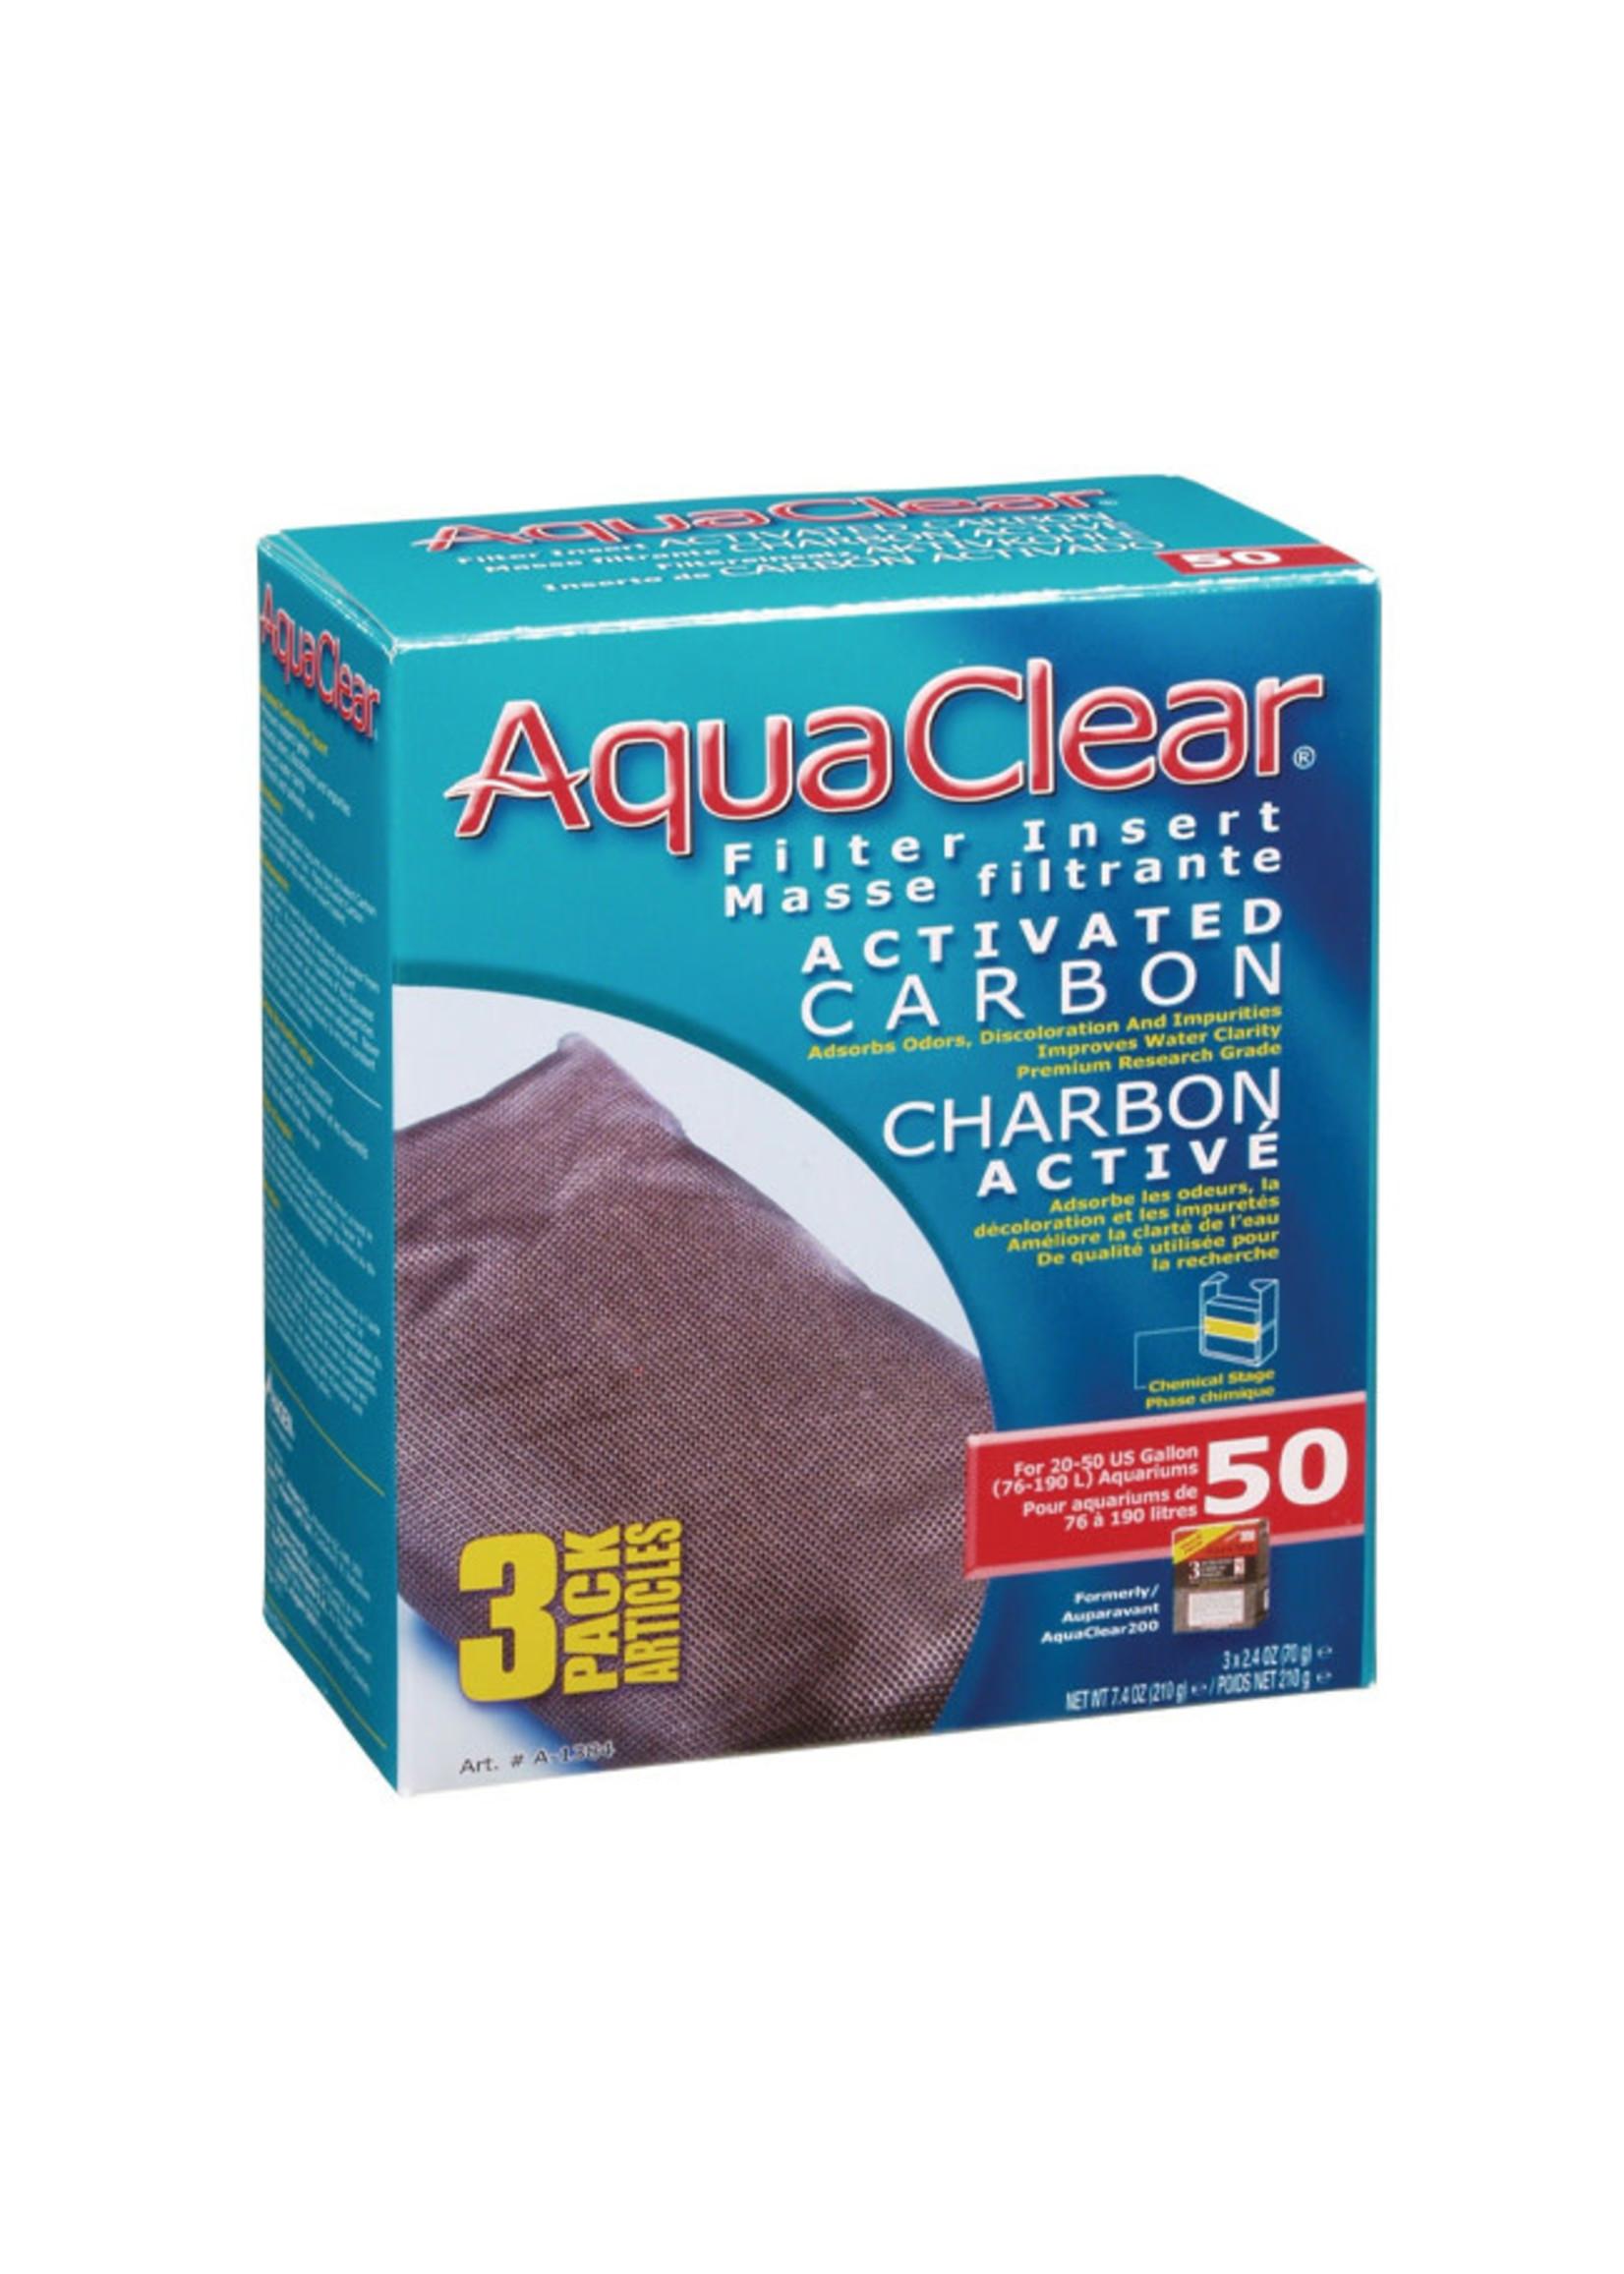 AquaClear AquaClear Filter Insert Activated Carbon